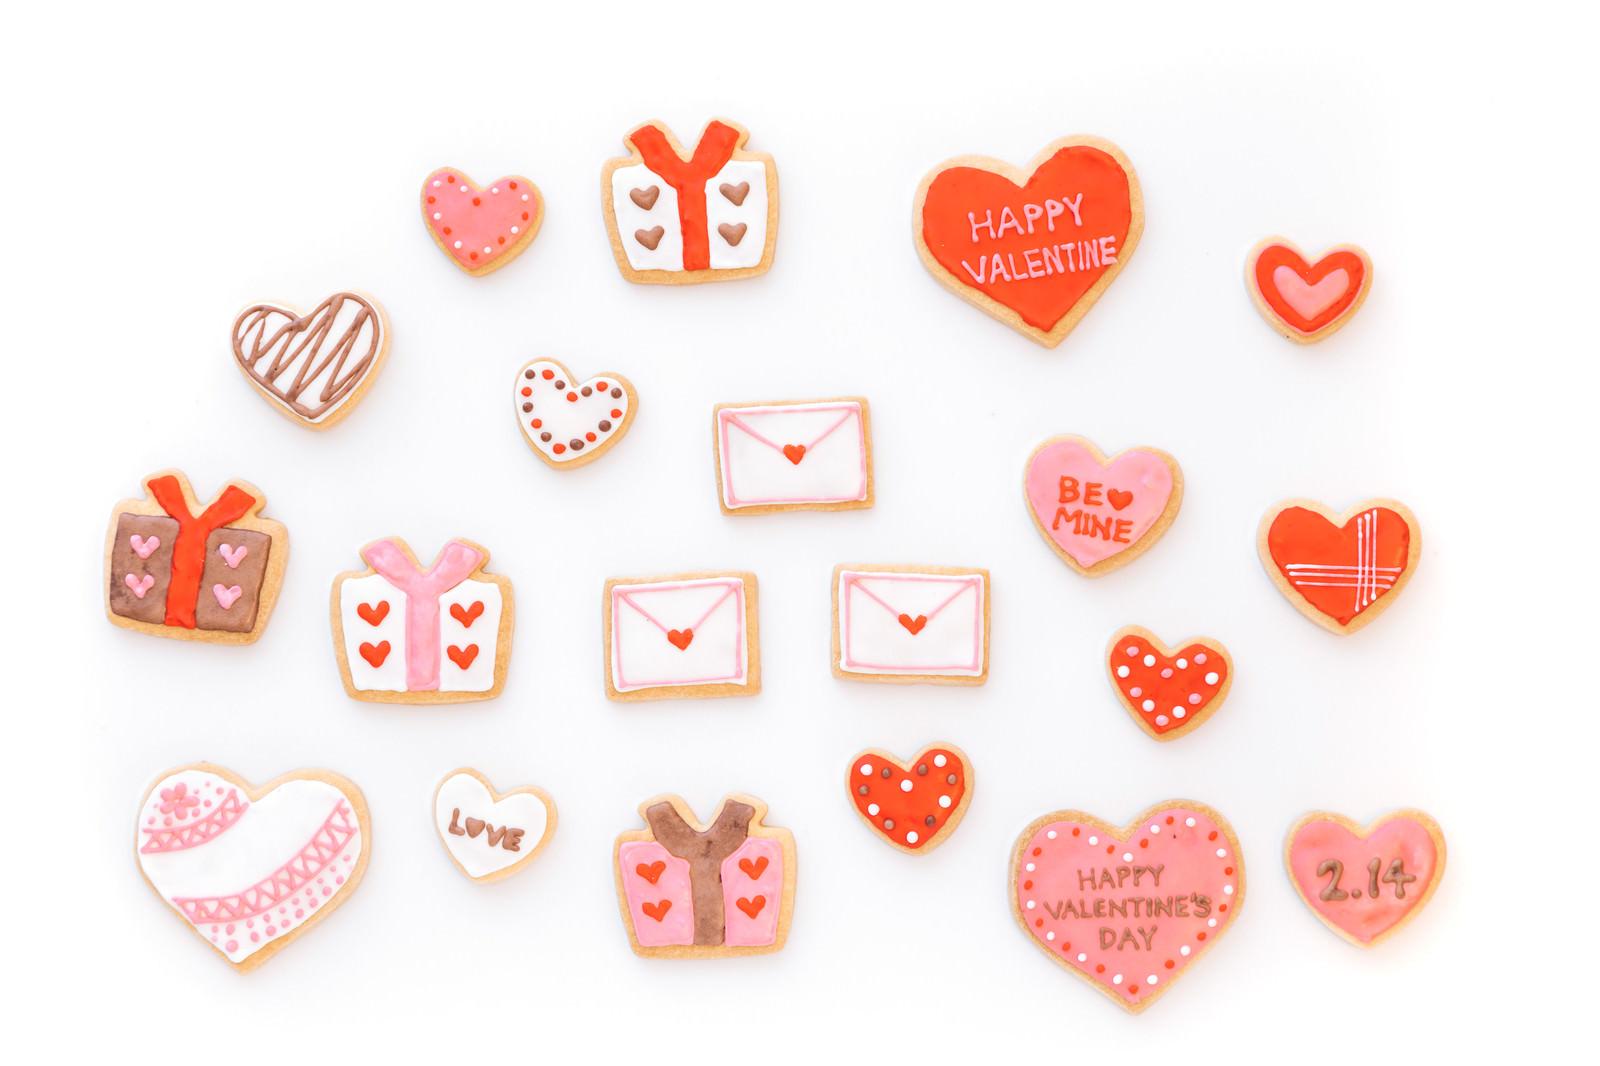 「ラブレターとハートのクッキー」の写真